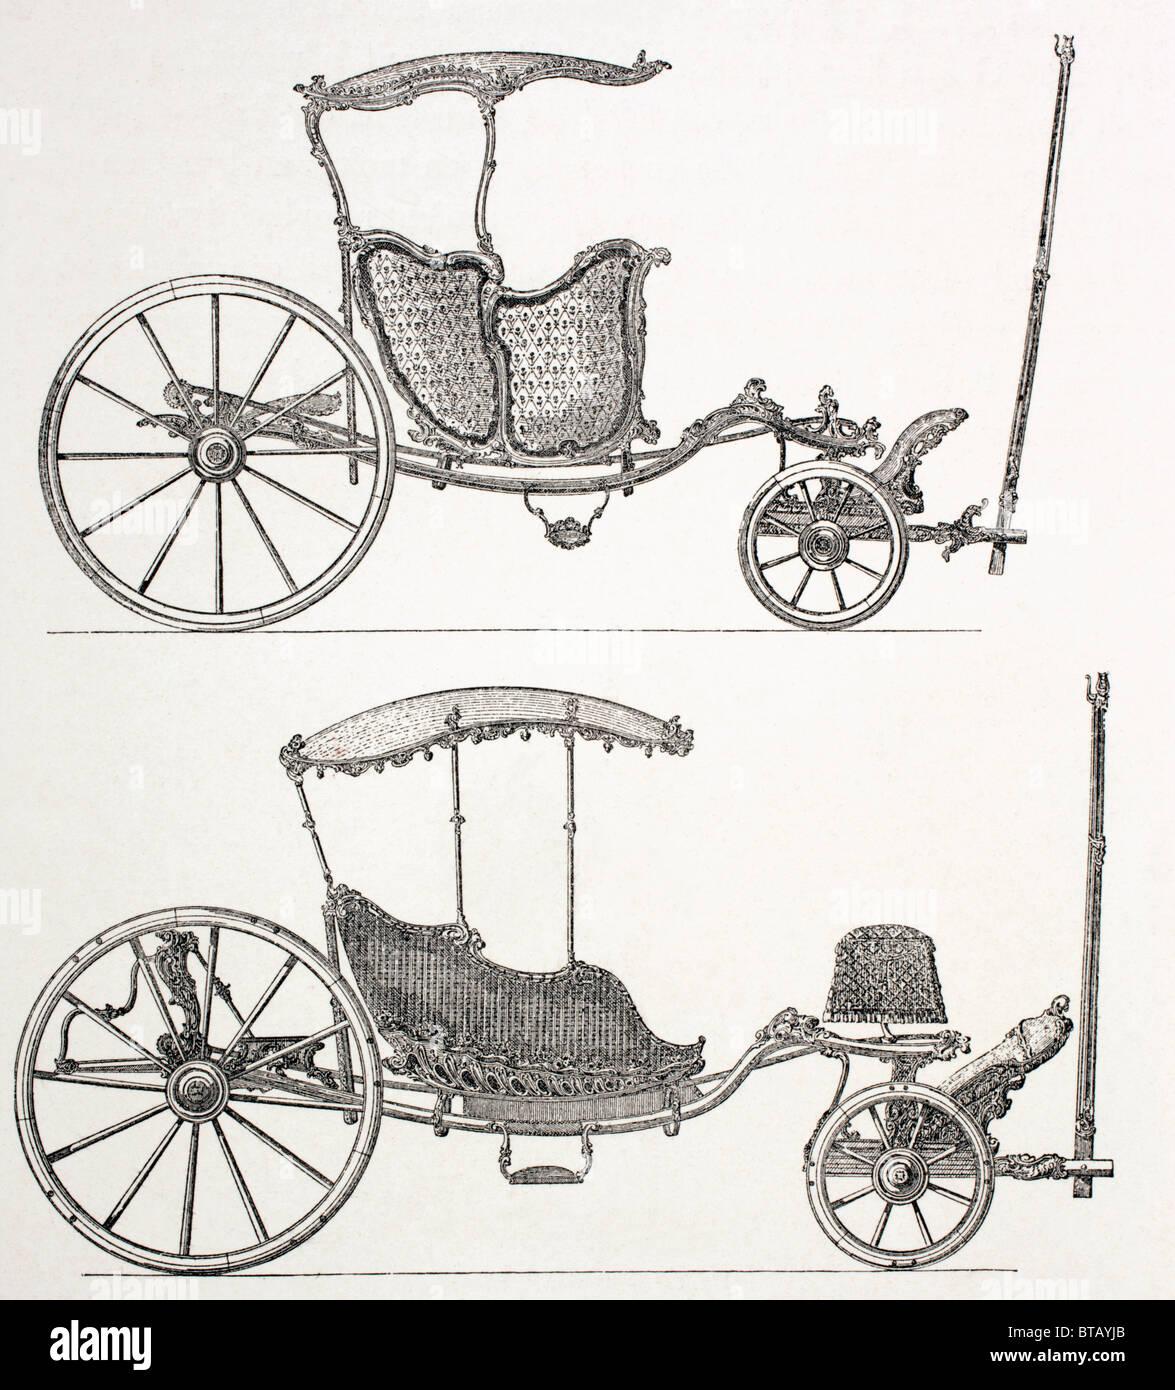 Francese del xviii secolo carrelli. Immagini Stock